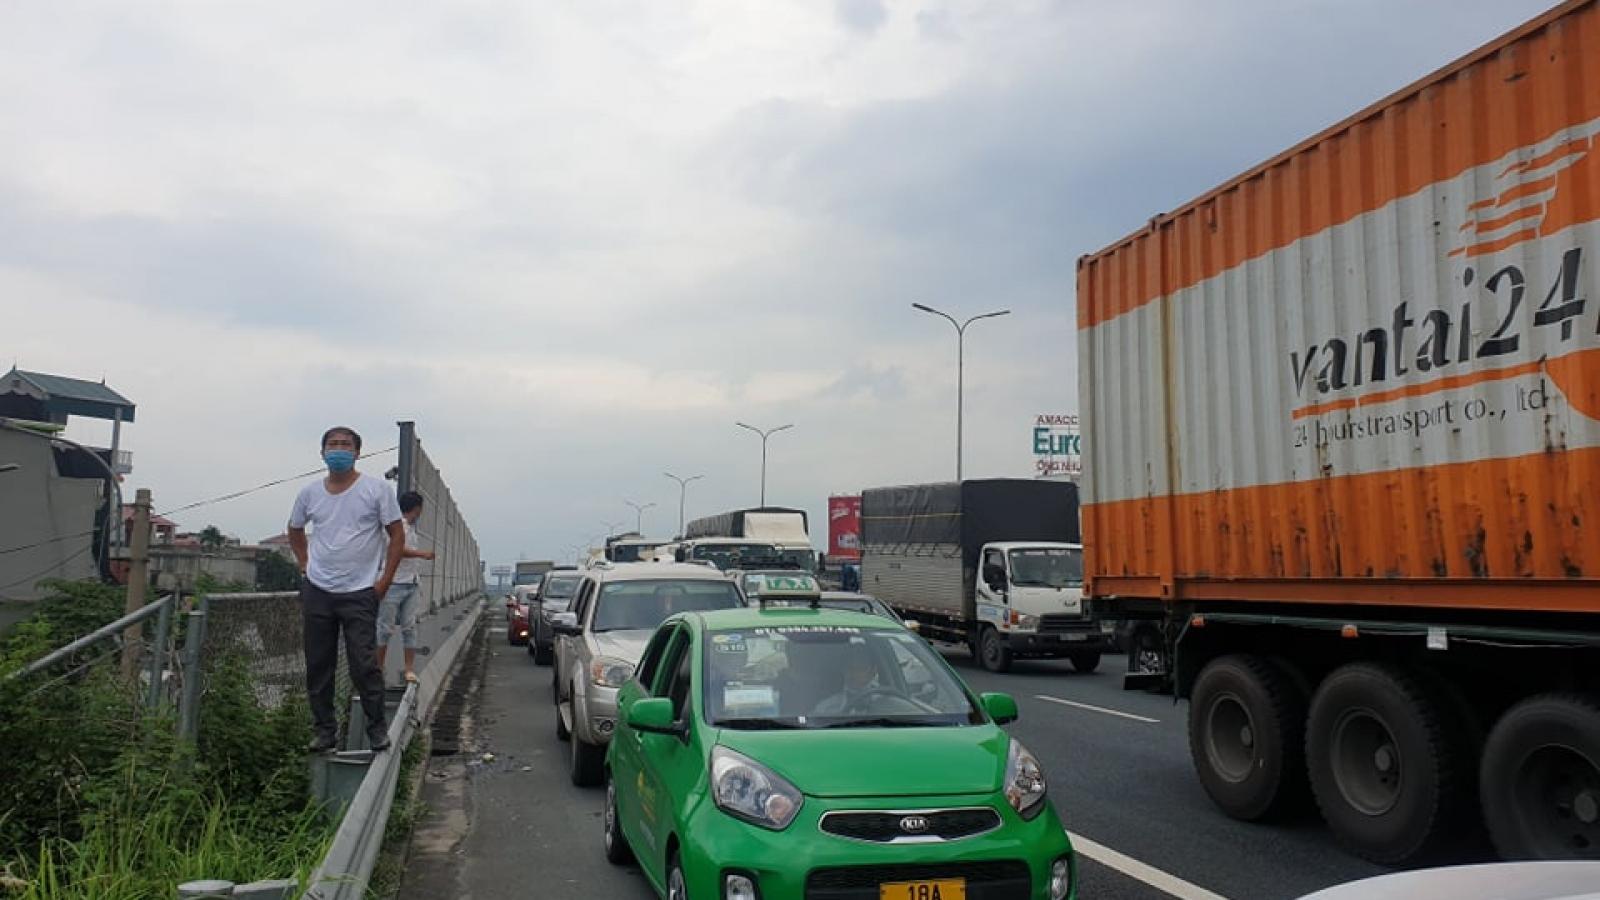 Ùn tắc tại cửa ngõ Hà Nội: Đề nghị CSGT dẫn đoàn xe chở hàng thiết yếu qua chốt